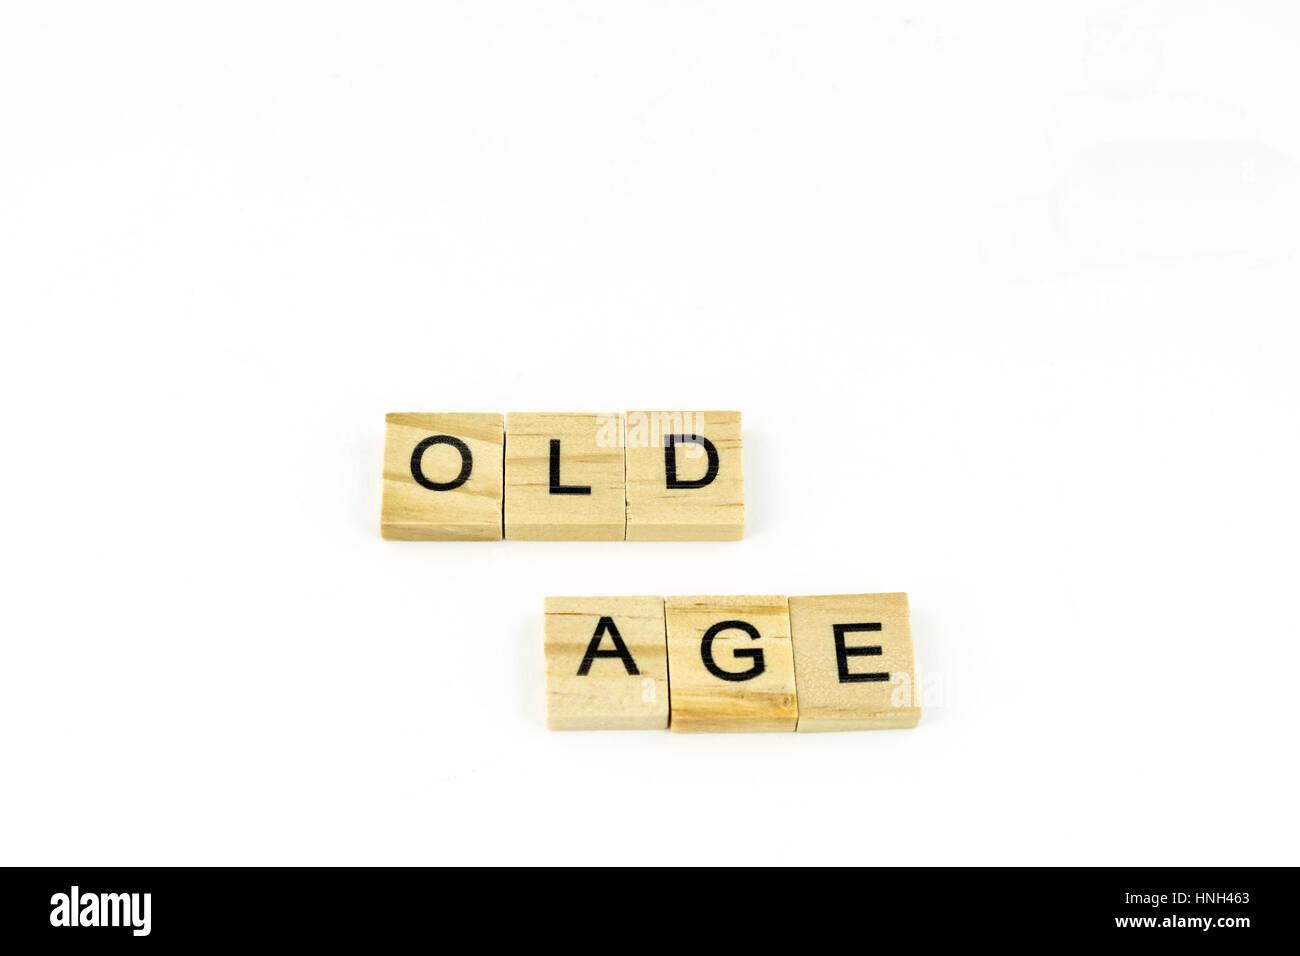 Holzblöcke Rechtschreibung Alter auf einem weißen Hintergrund. Ausschnitt. Konzept, konzeptionelle. Stockbild